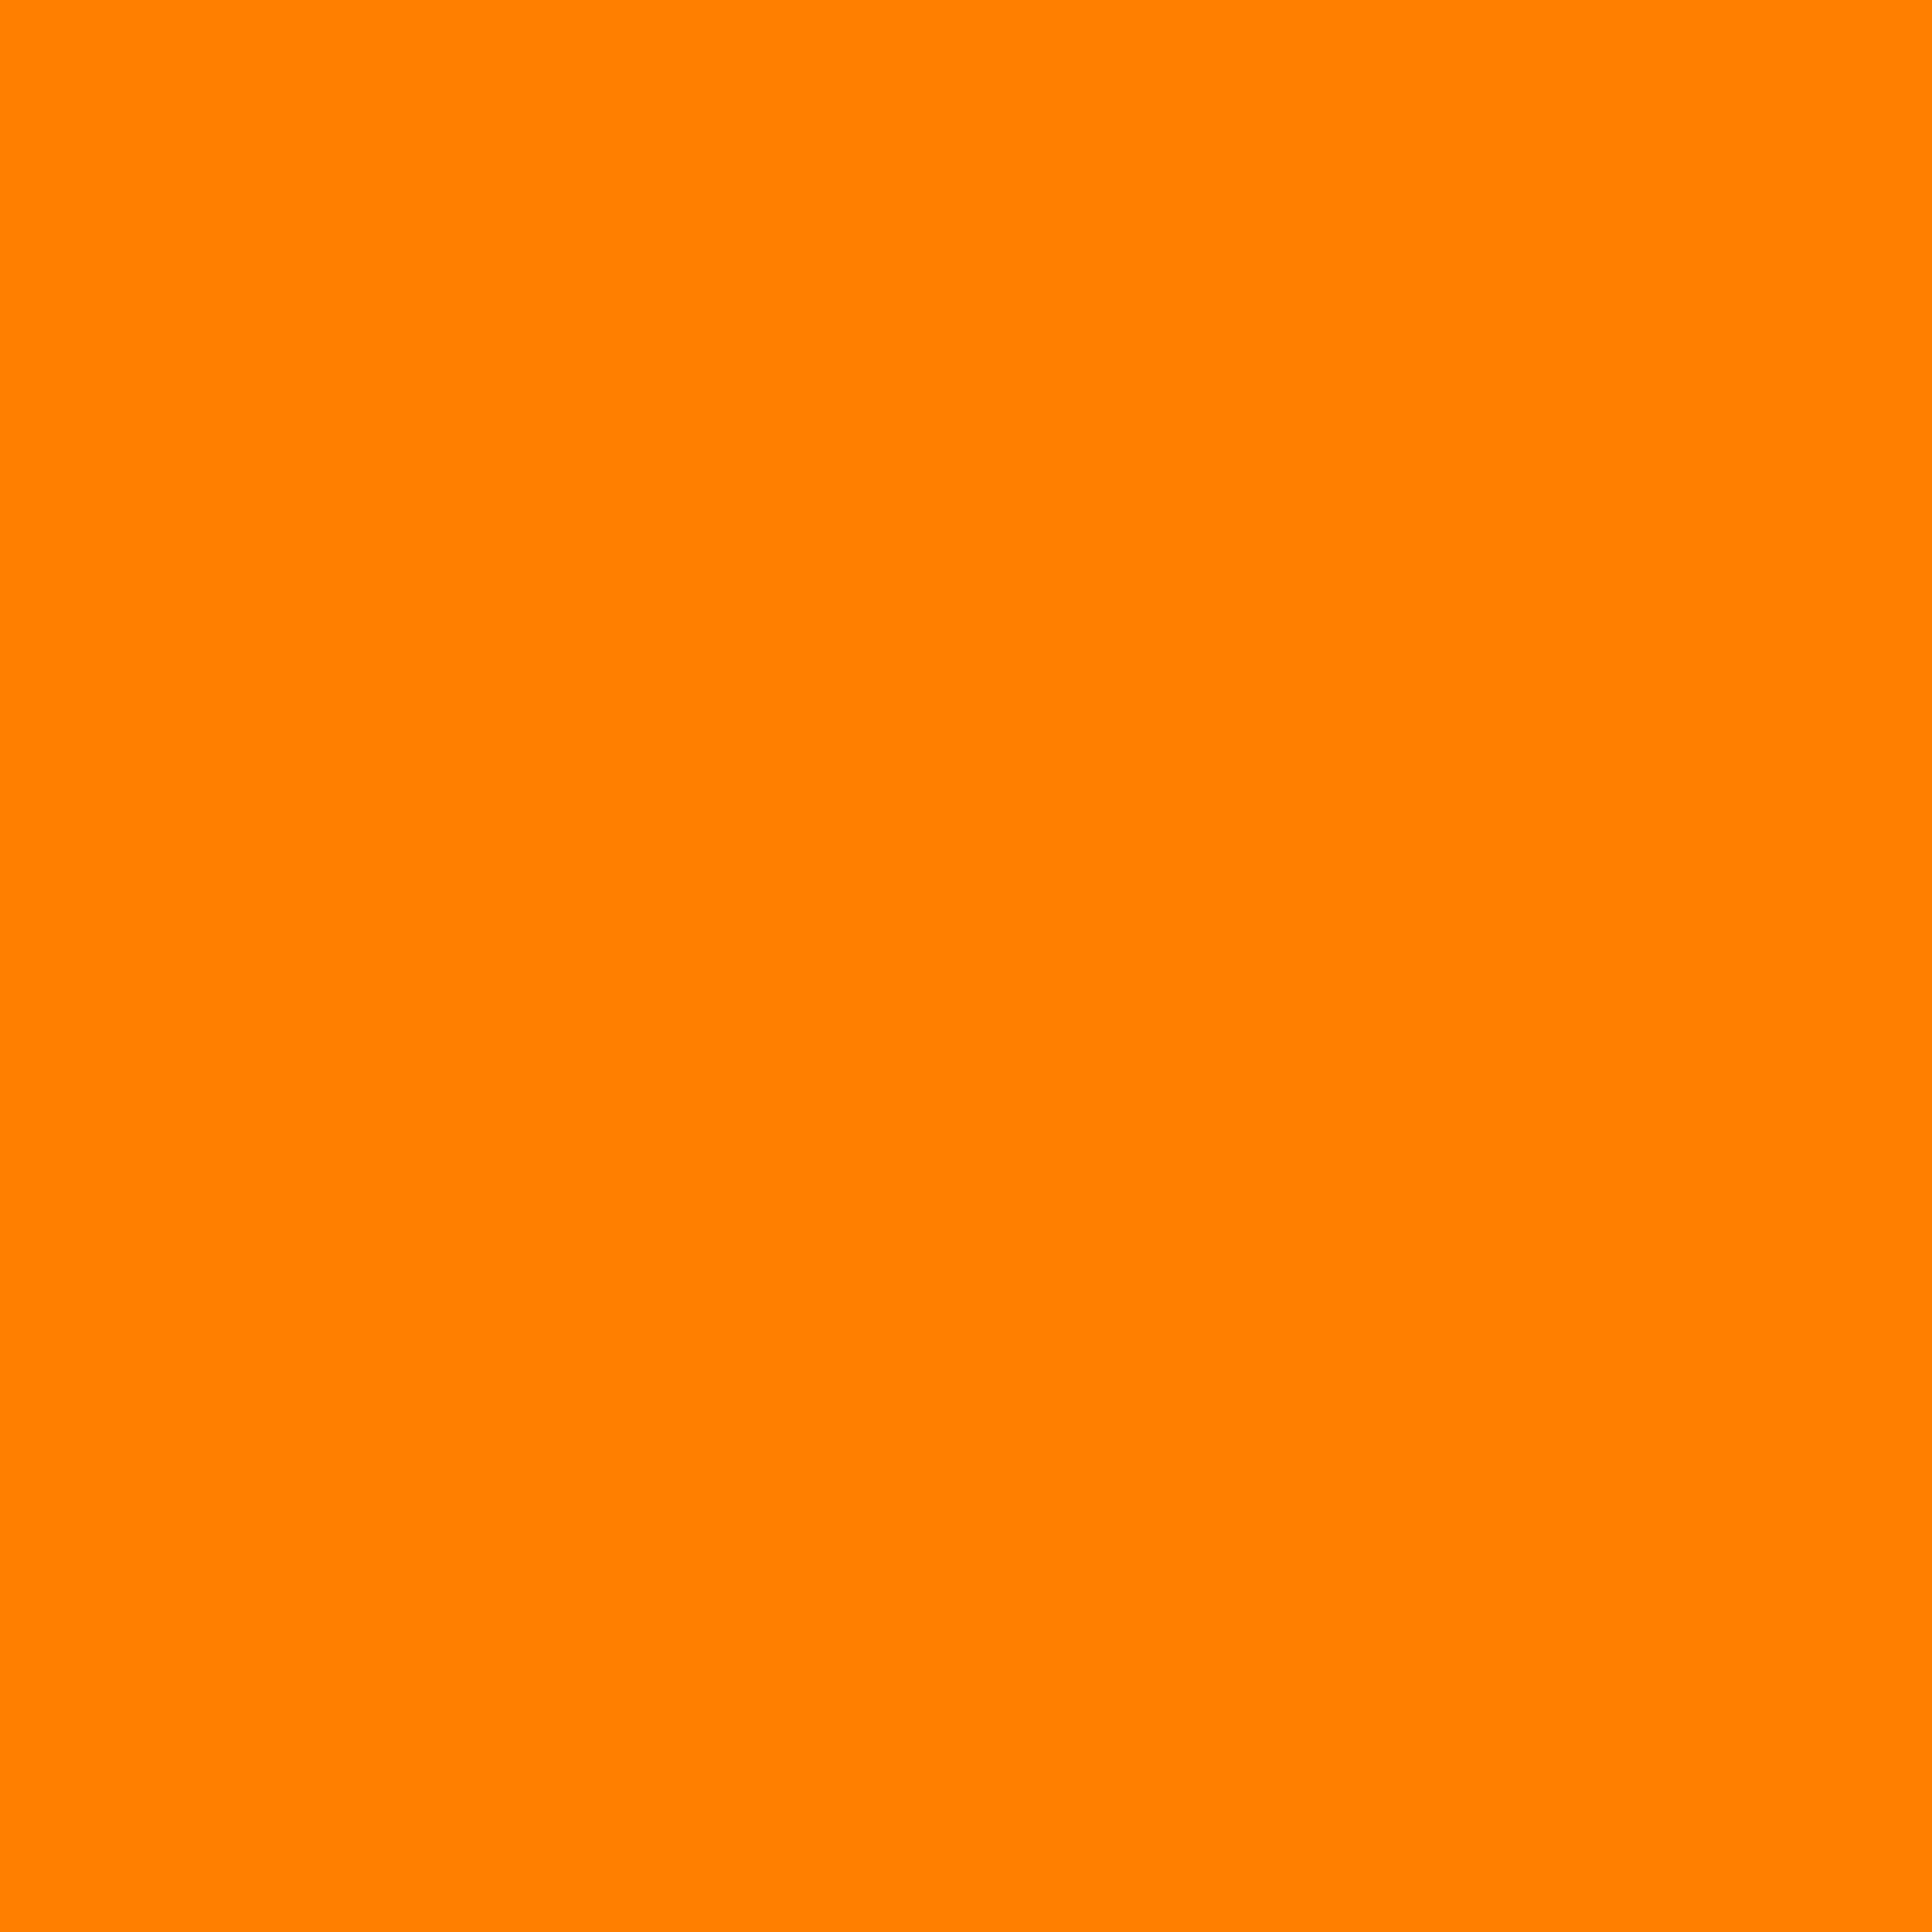 2732x2732 Amber Orange Solid Color Background